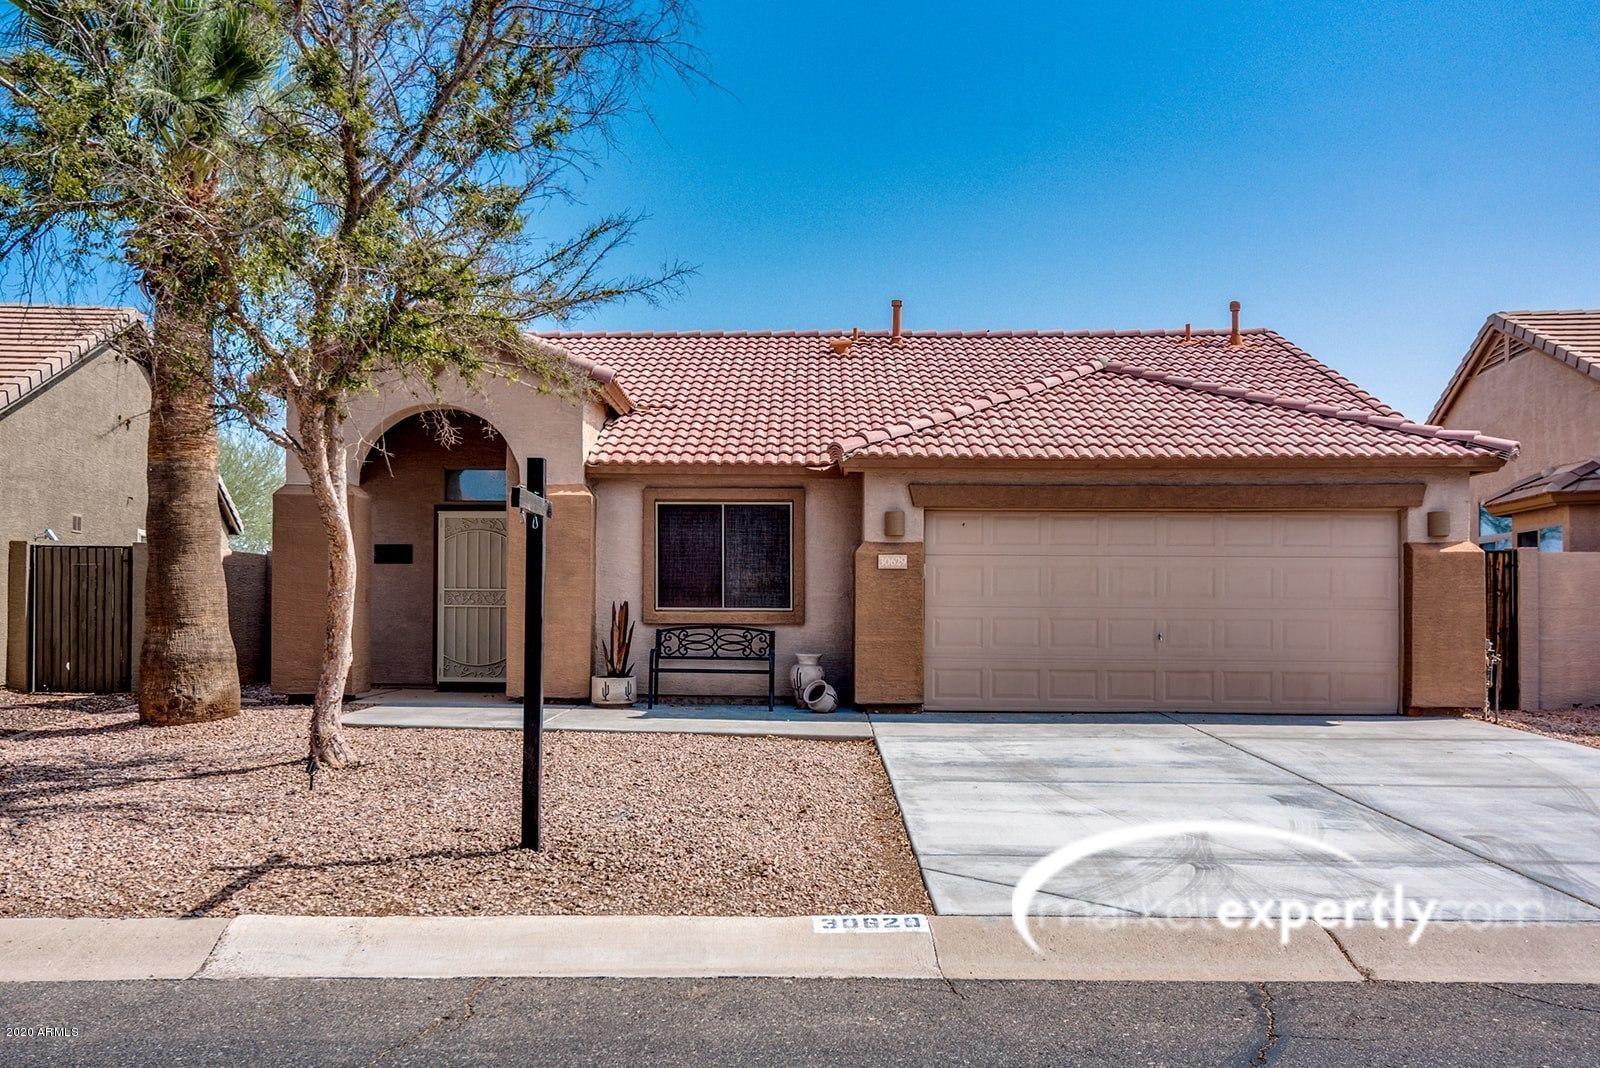 30629 N MAPLE CHASE Drive, San Tan Valley, AZ 85143 - MLS#: 6136997